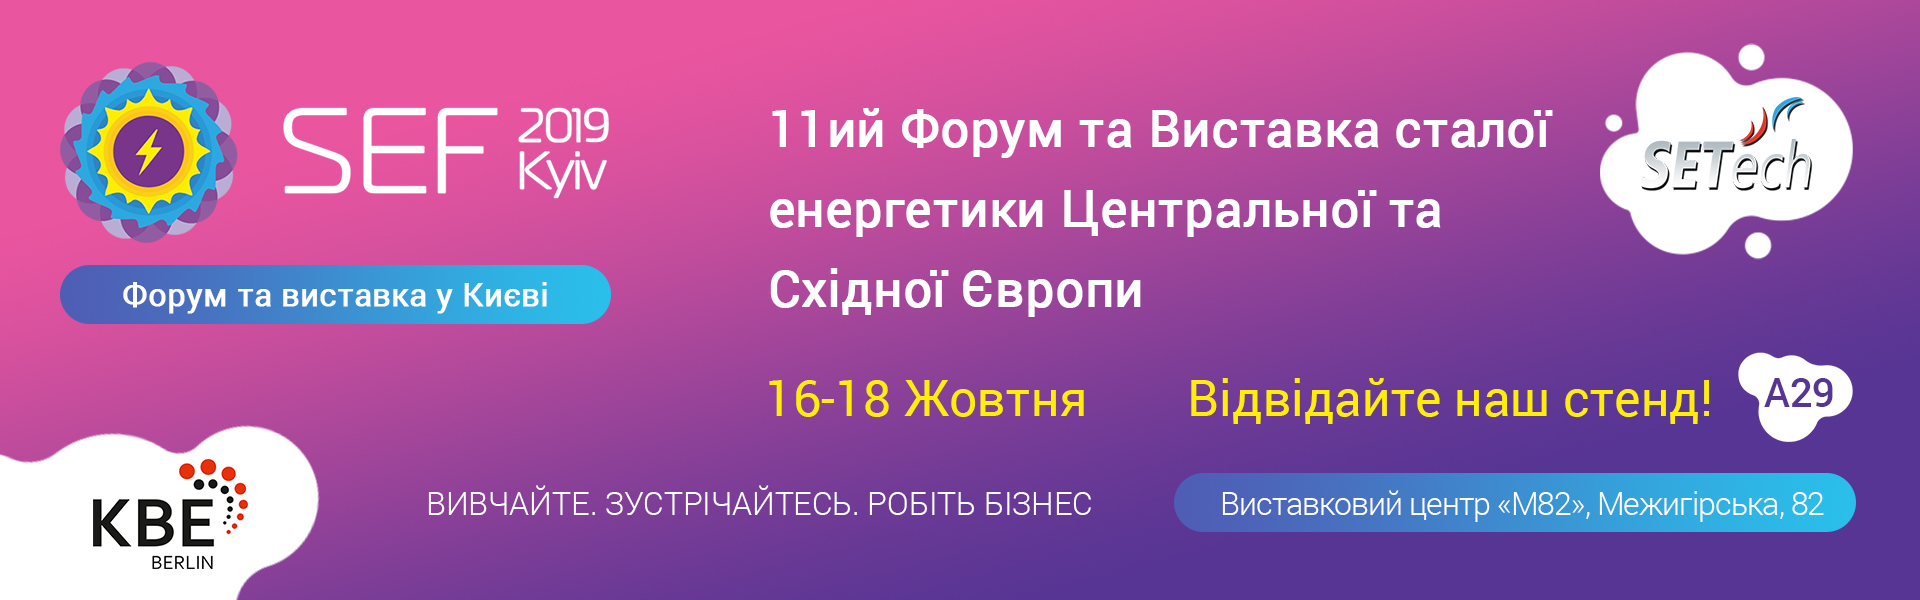 SETech на виставці SEF 2019 KYIV